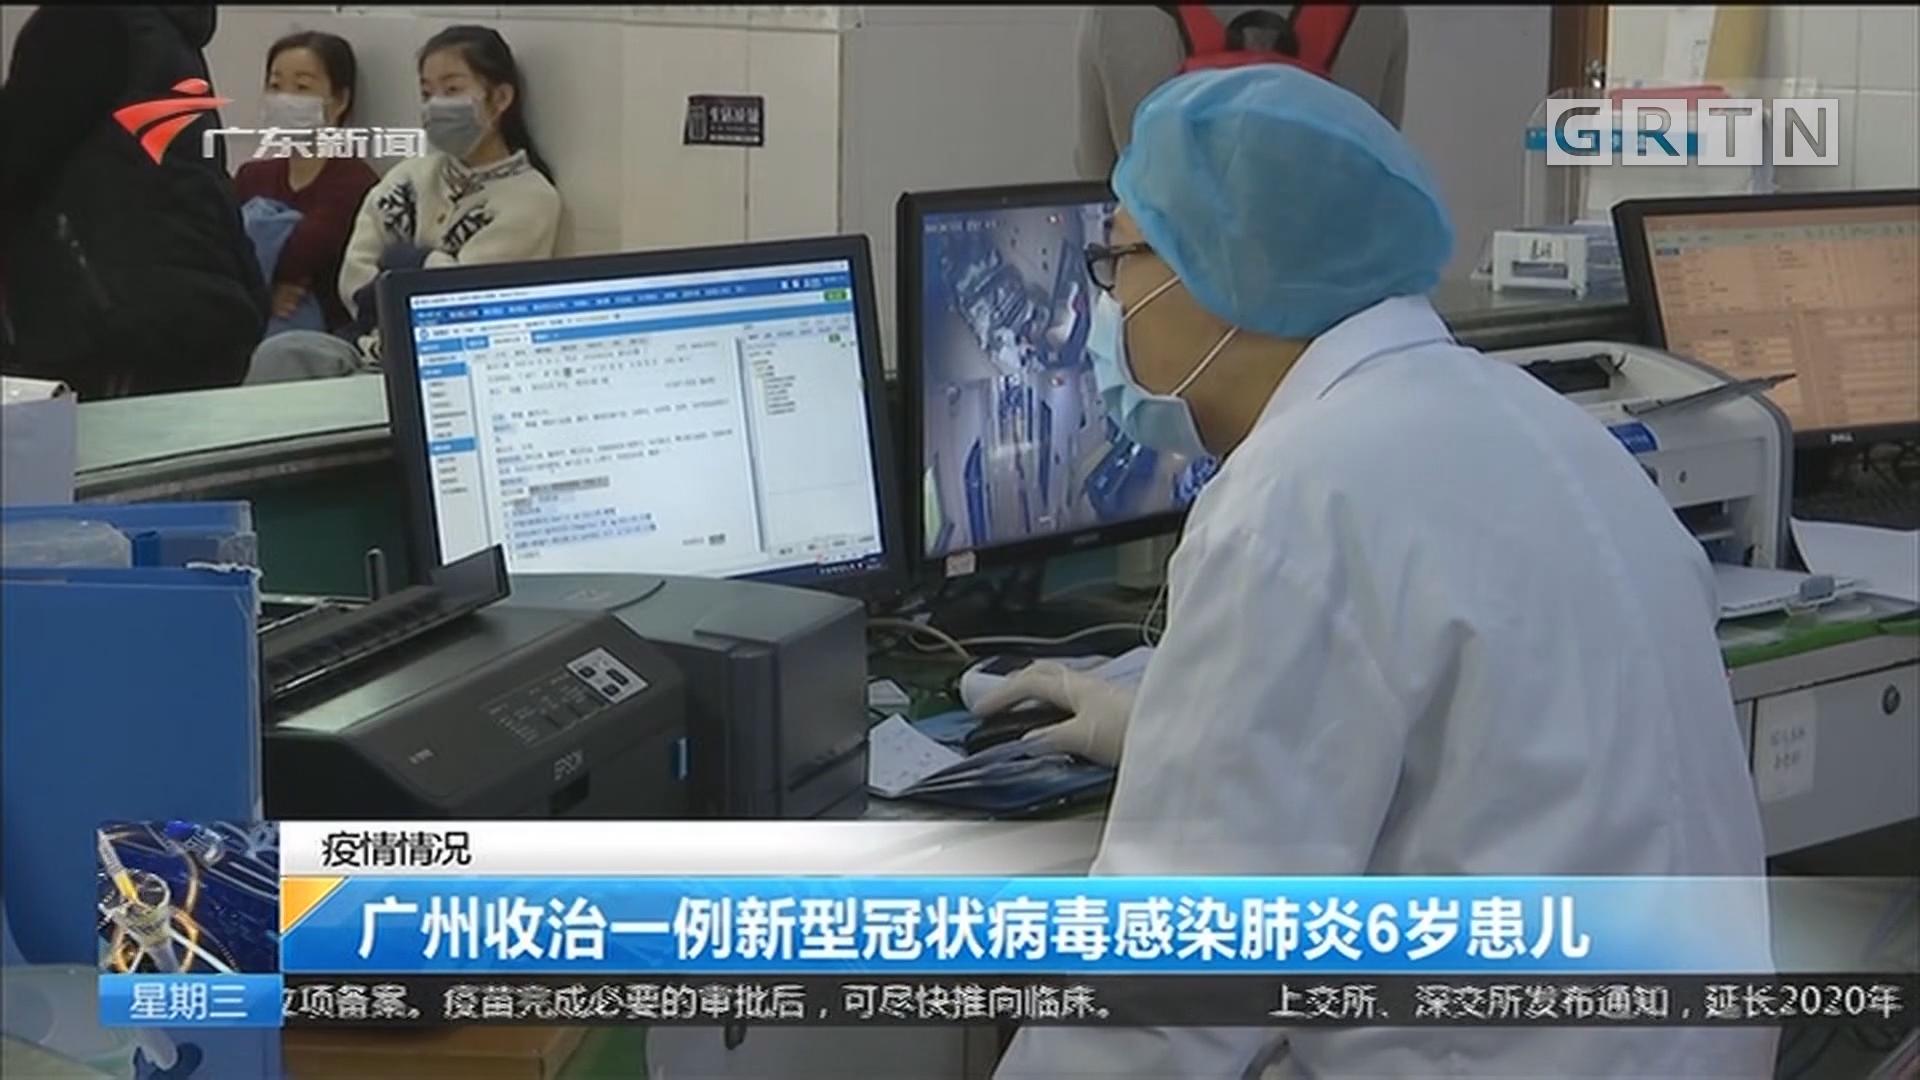 疫情情况:广州收治一例新型冠状病毒感染肺炎6岁患儿